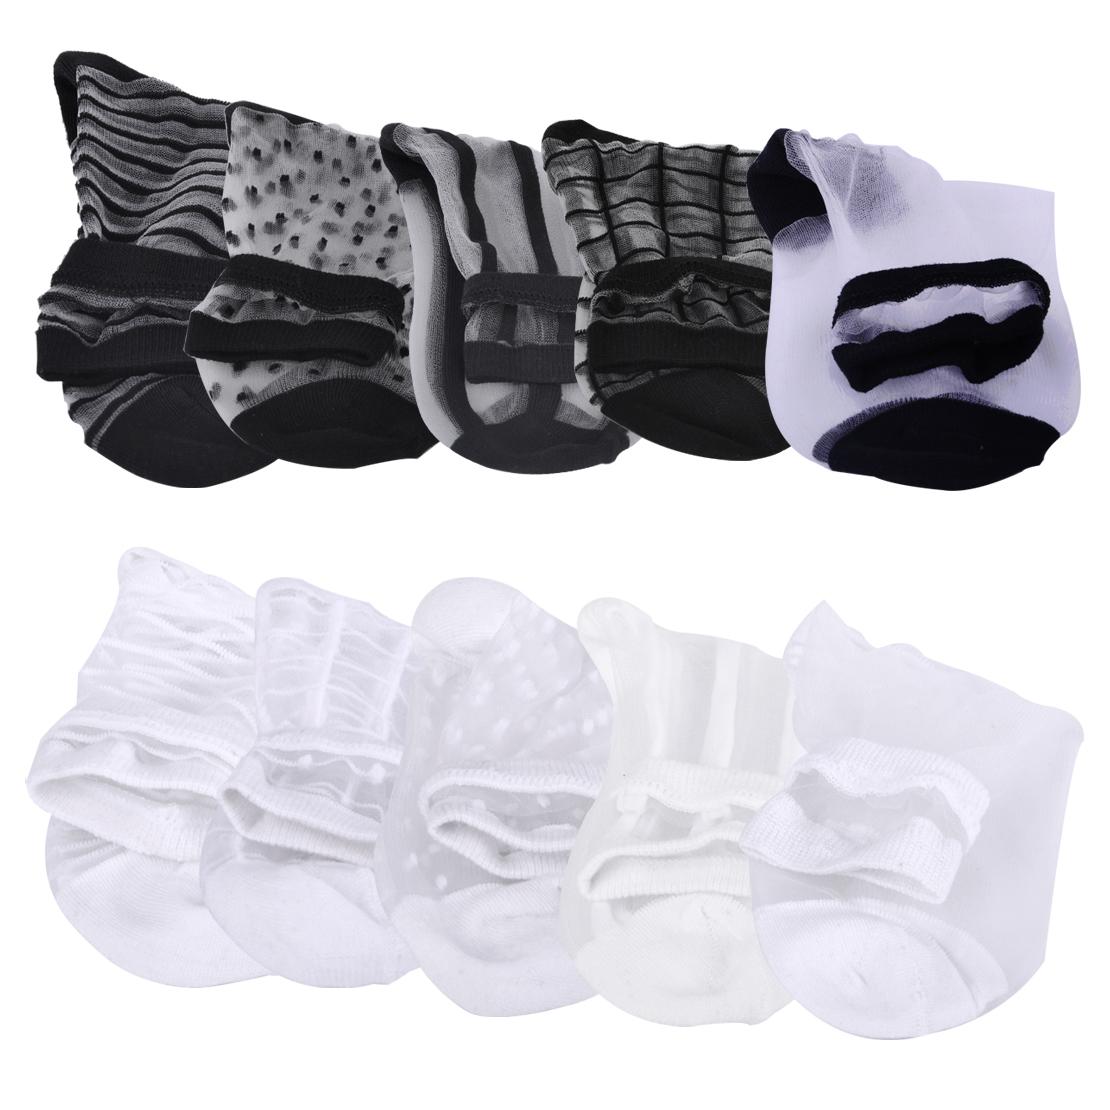 5 Pair Mixed Pattern Ultrathin Glass Silk Socks Sheer Elastic Short Ankle Women